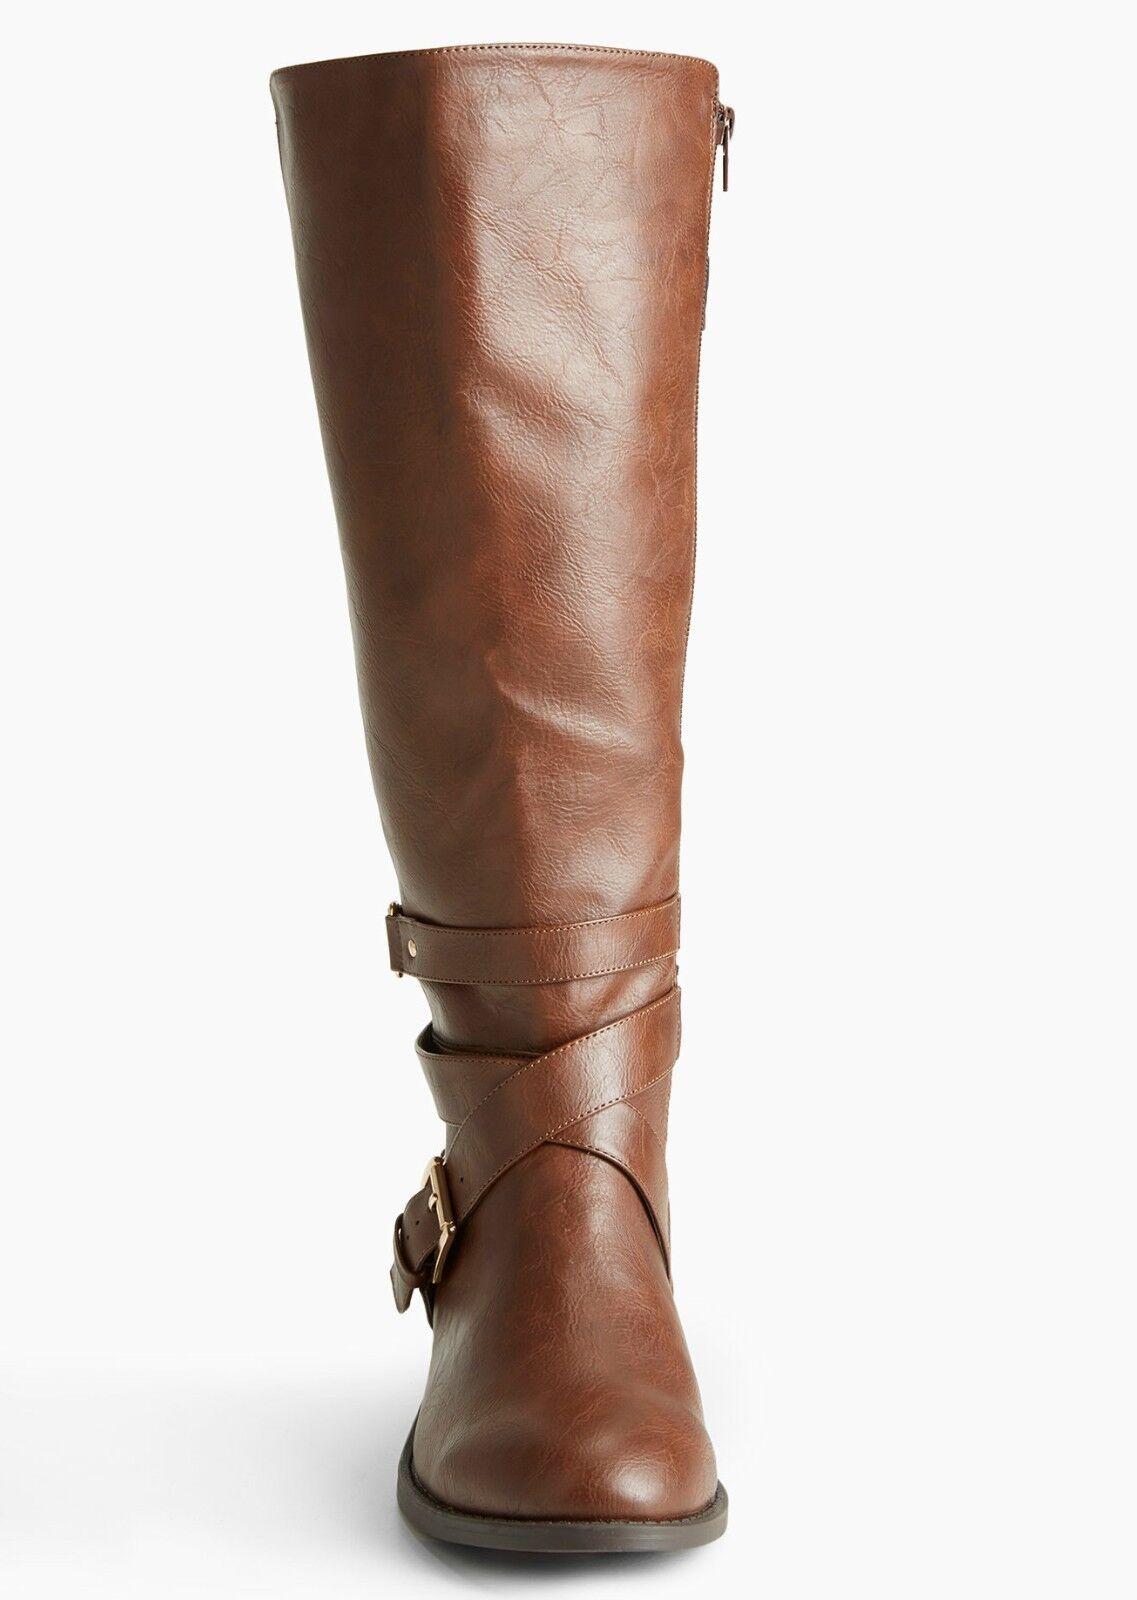 TORRID NIB Größe Größe Größe 6.5W Braun Multi Buckle Strap Gore Tall Stiefel (Wide Width) #152 717f62